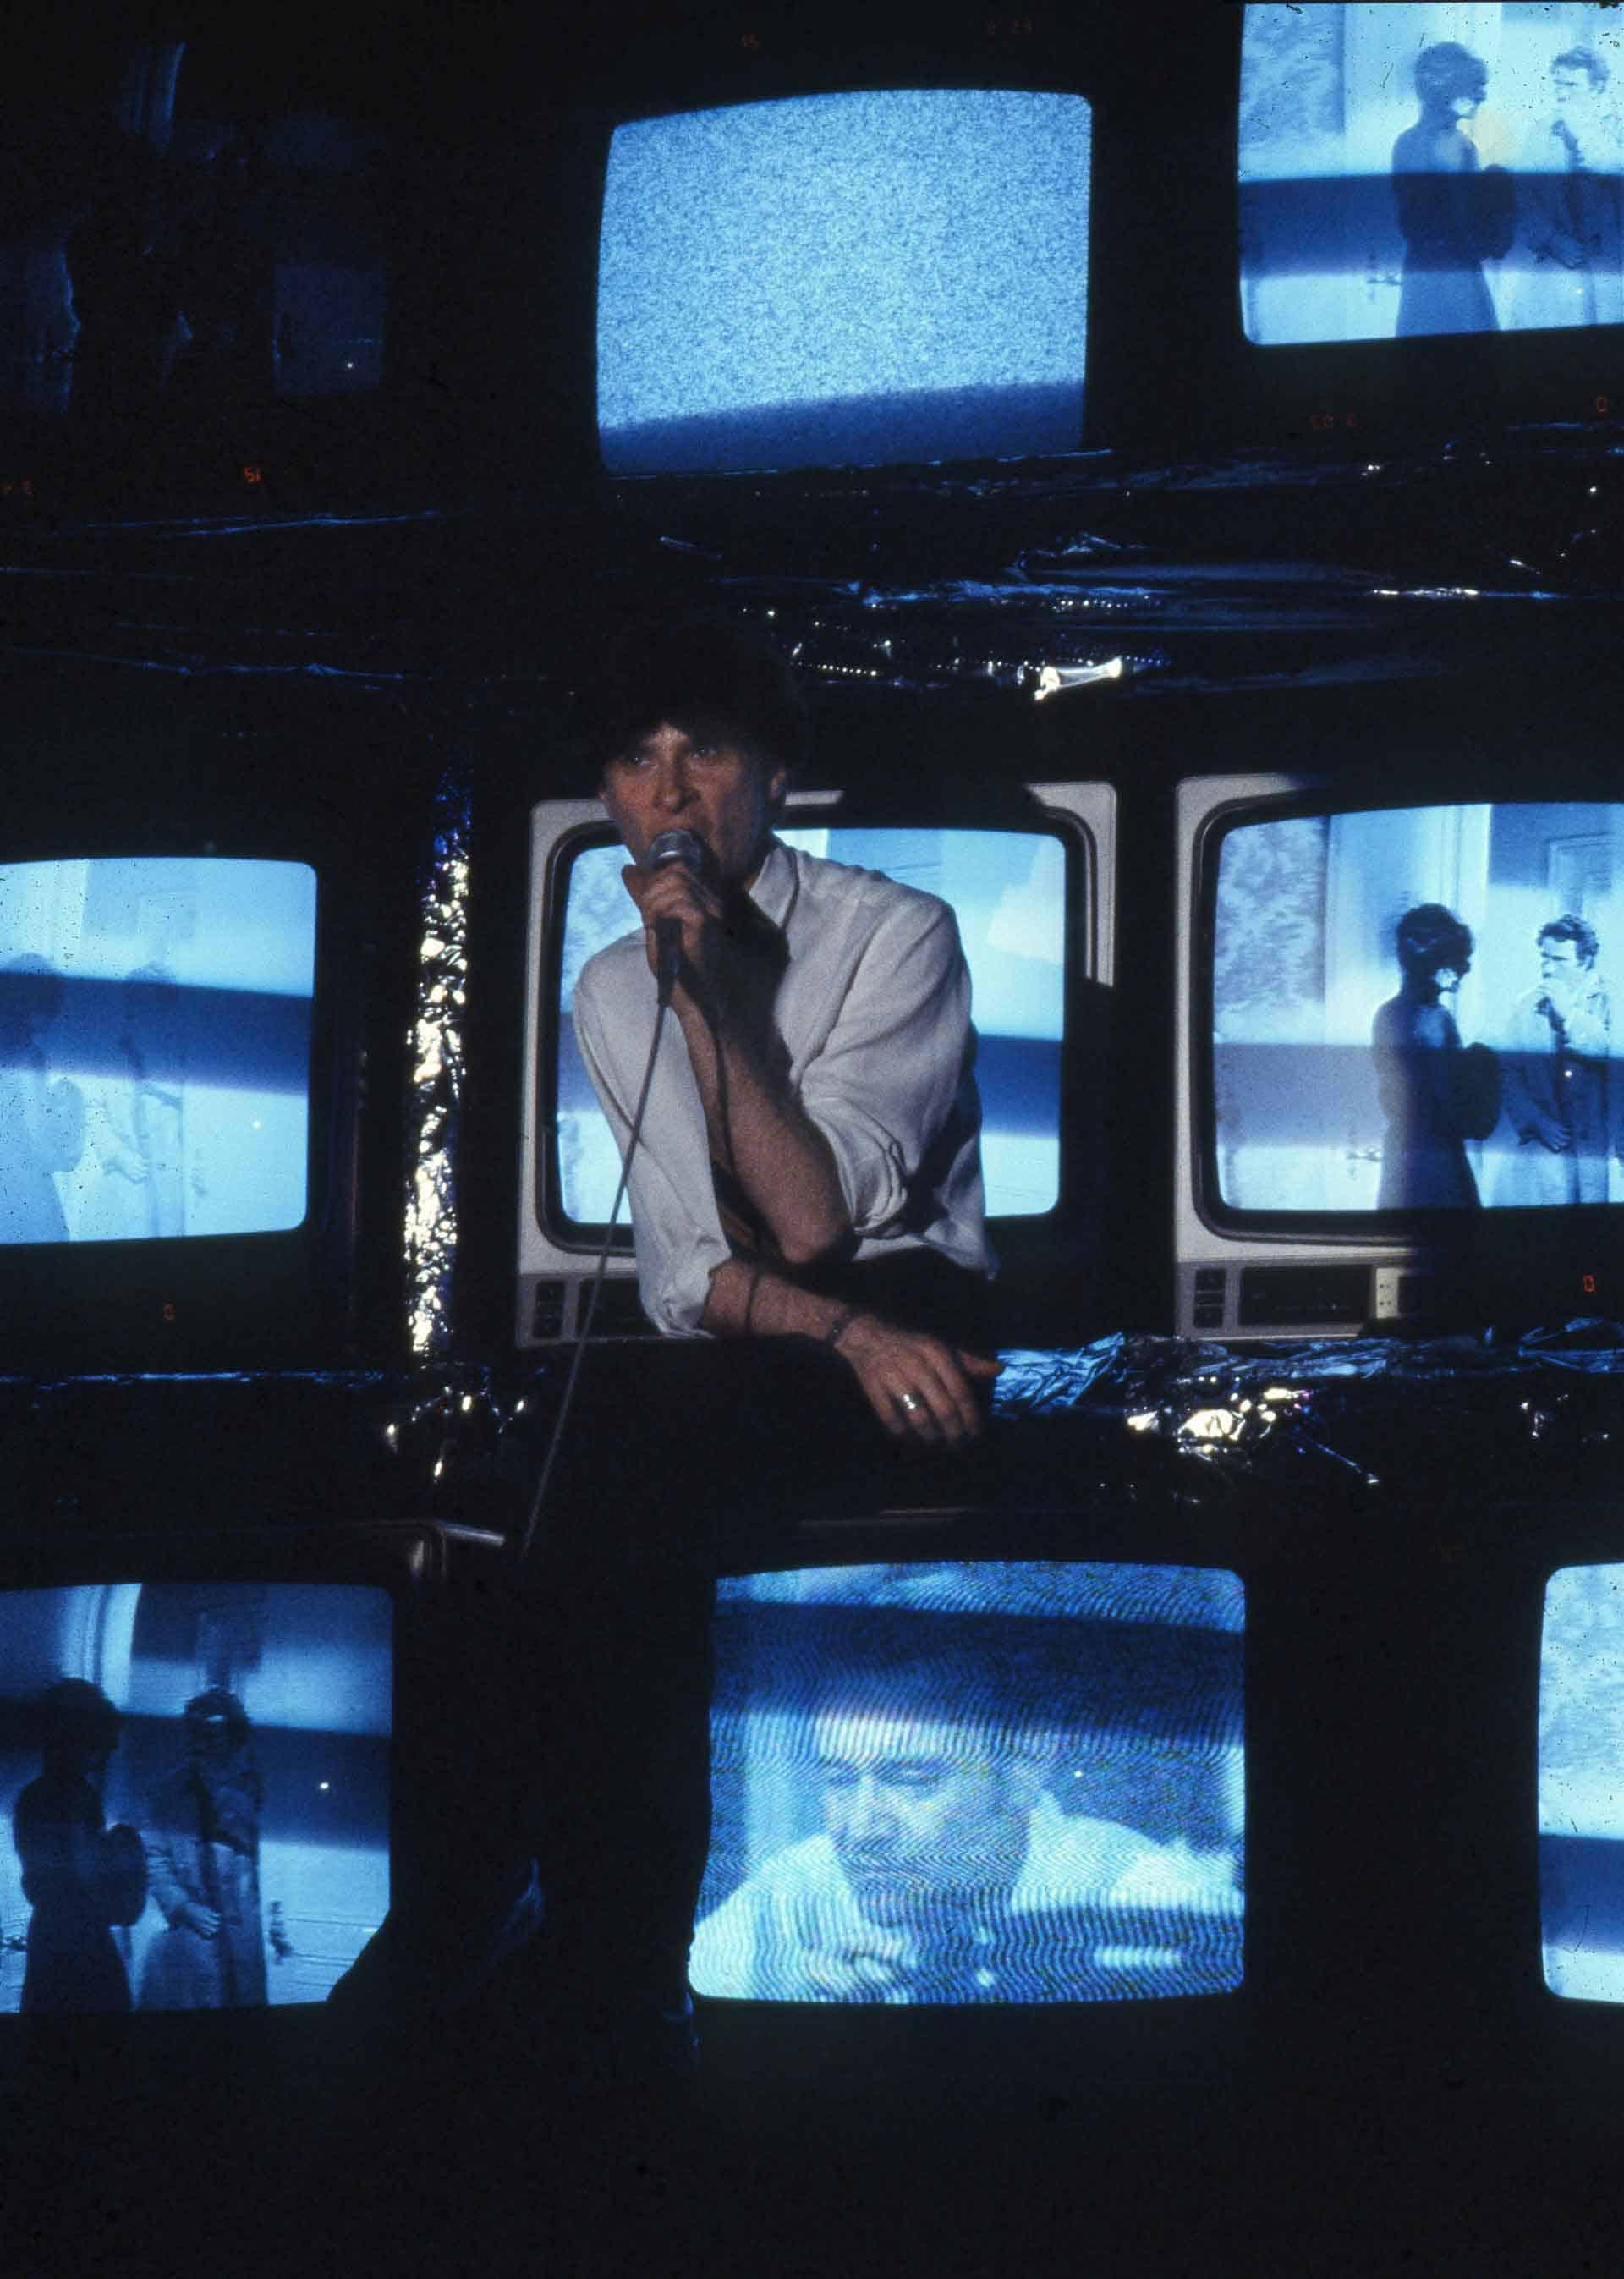 Grabinksy, «Tape Show», scenografia per una performance del gruppo Stupid Set, IV Settimana internazionale della performance, Bologna, 1980. Produttore: Italian Records. Arvhivio Oderso Rubini.